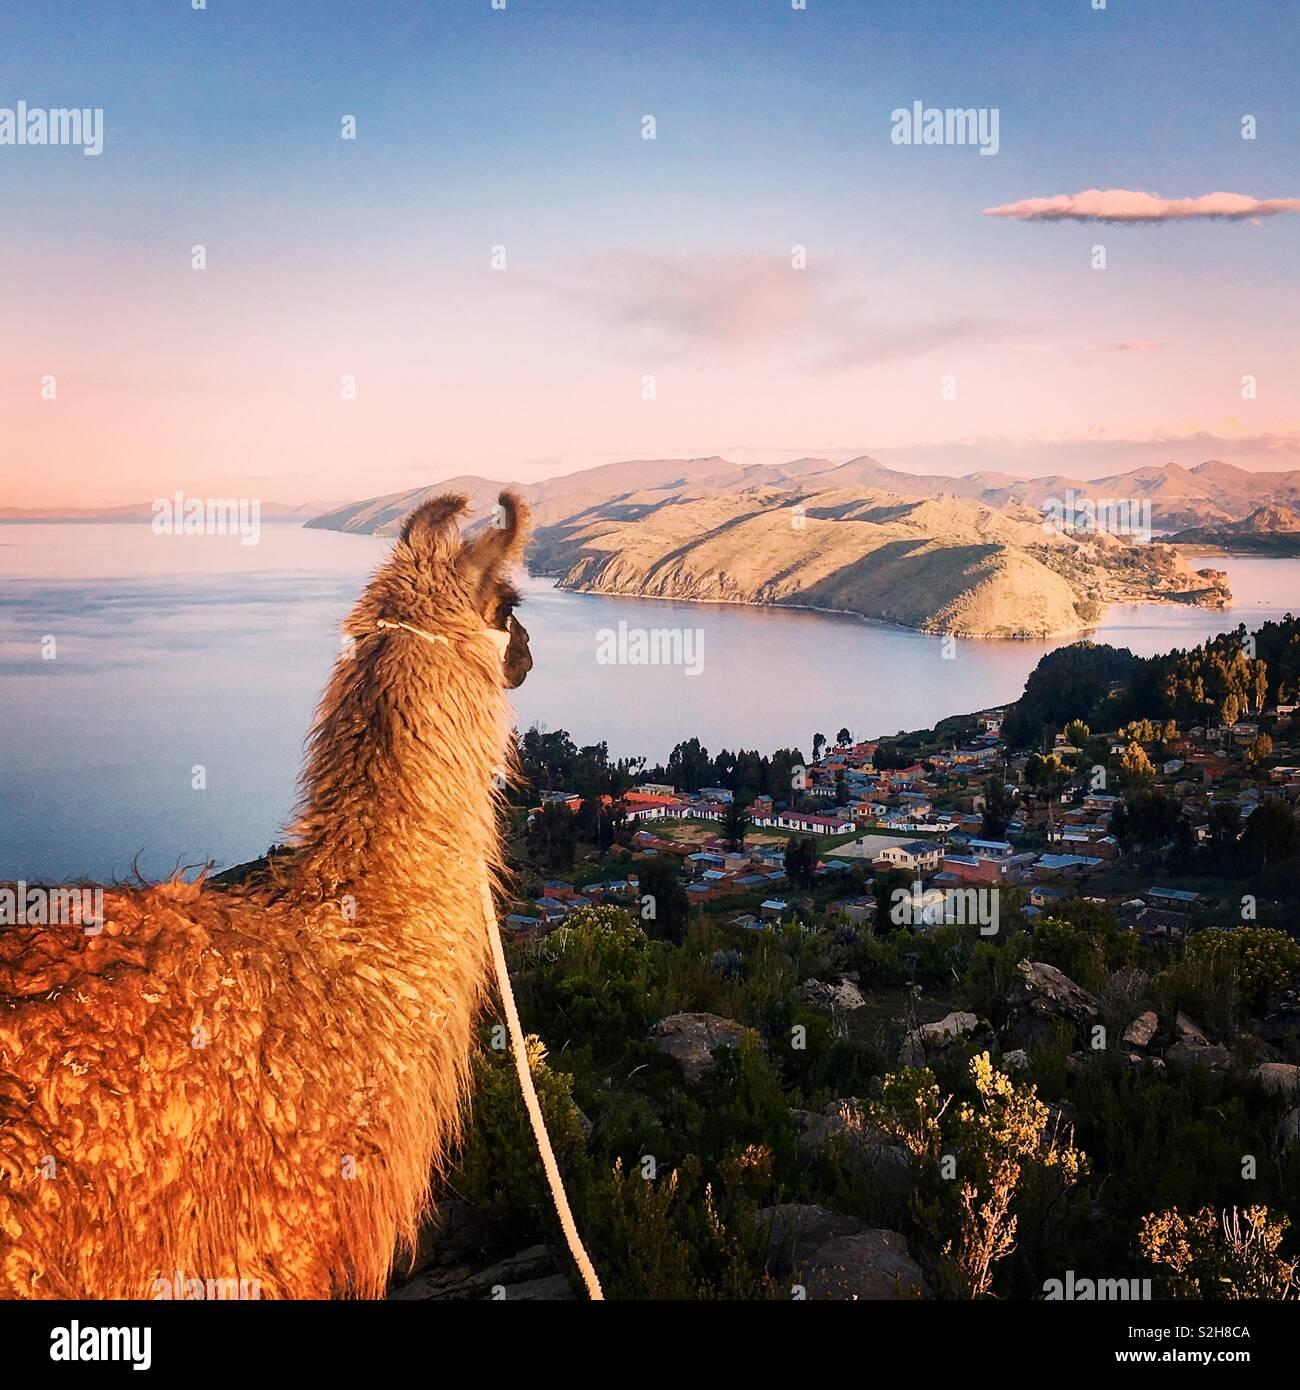 Llama a Isla del Sol che si affaccia sul lago Titicaca, Bolivia Immagini Stock